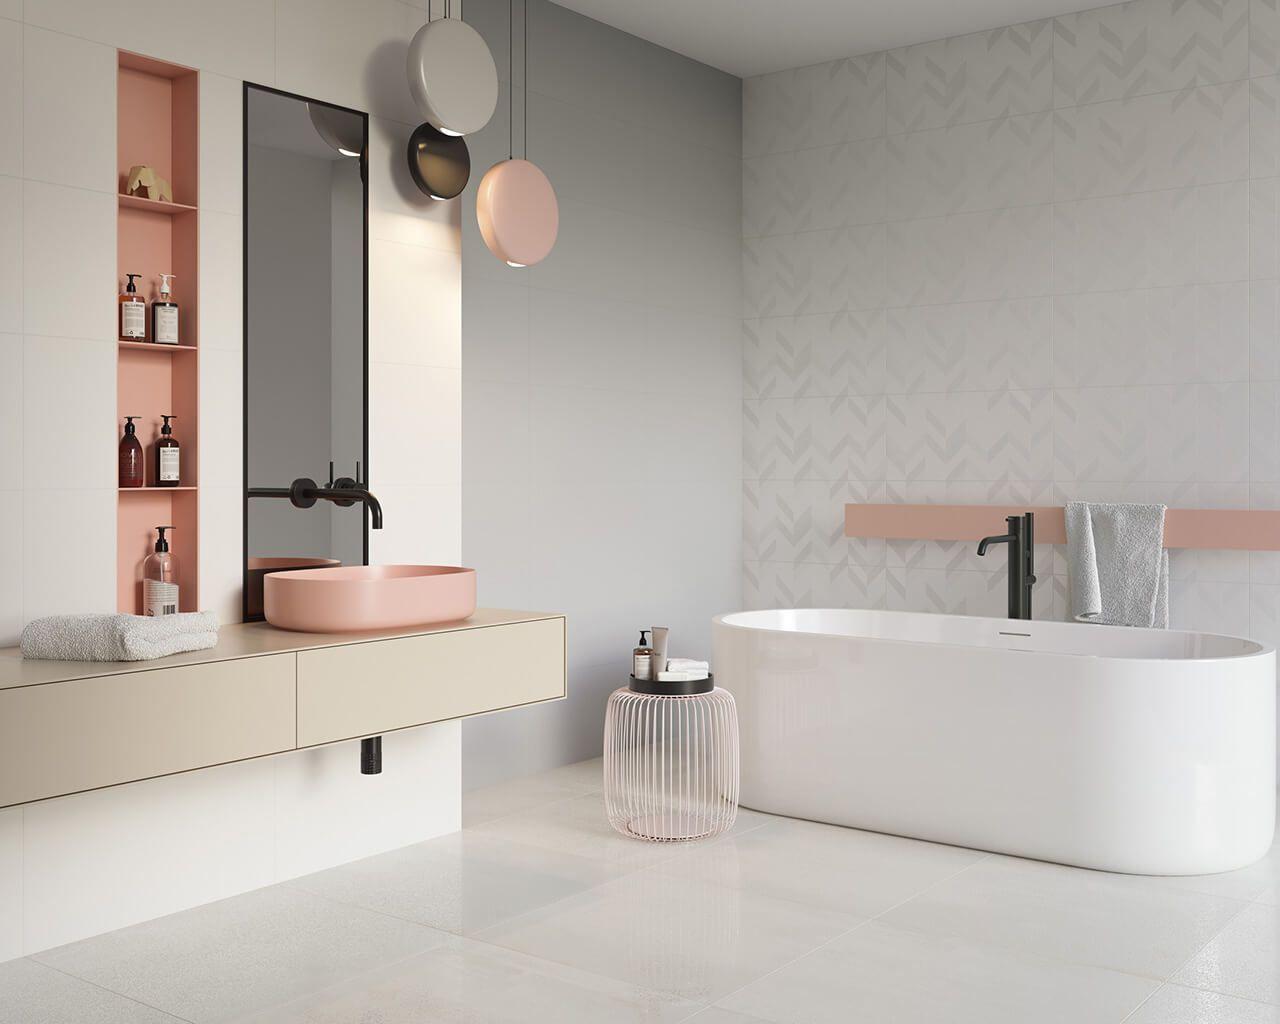 Ein Helles Badezimmer In Zuckersussen Farben Ceramika Paradyz